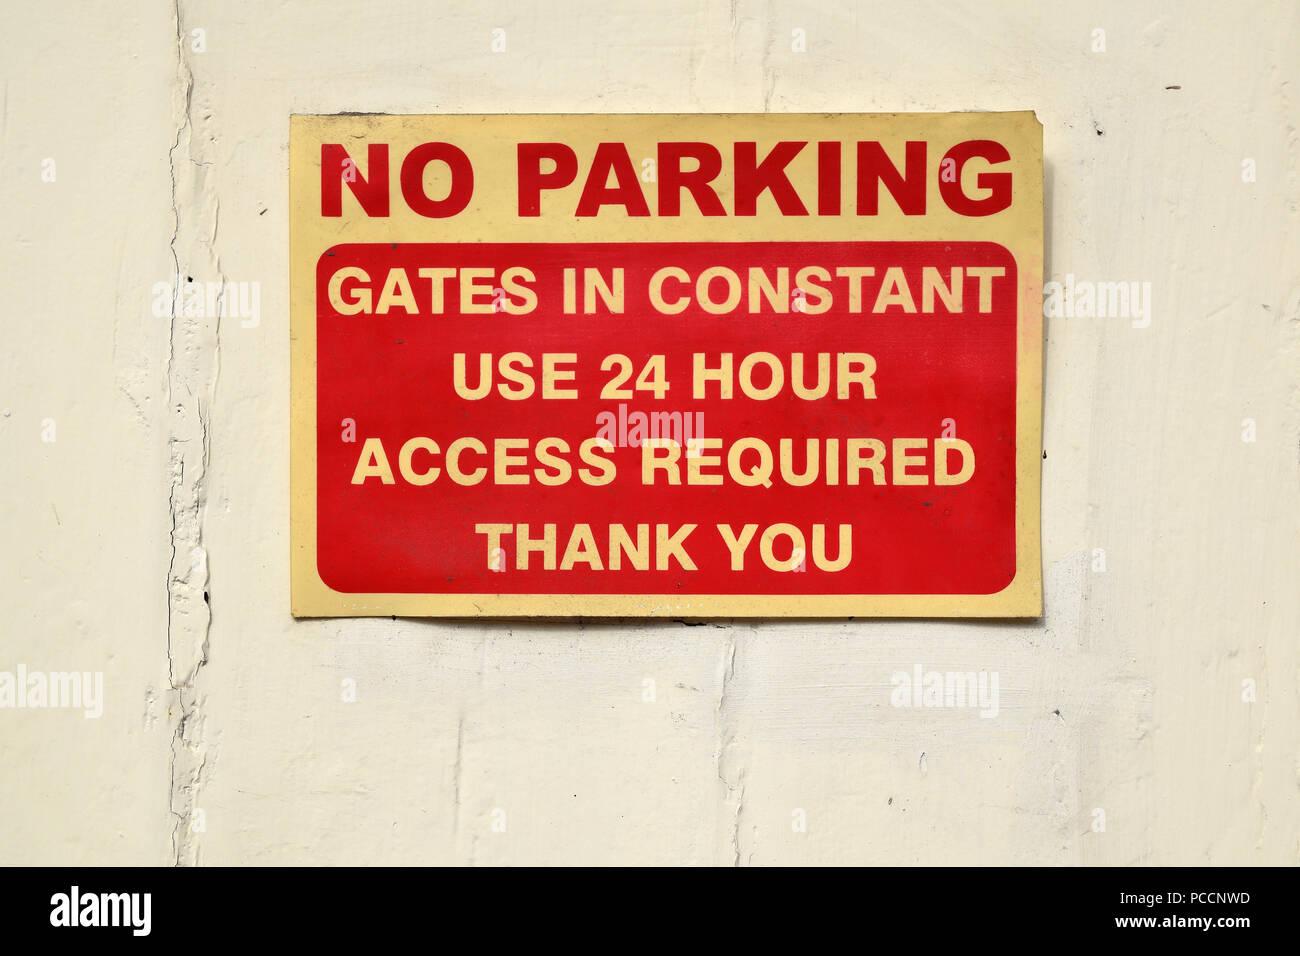 No hay aparcamiento privado entrada no obstaculizar en uso constante gracias firmar